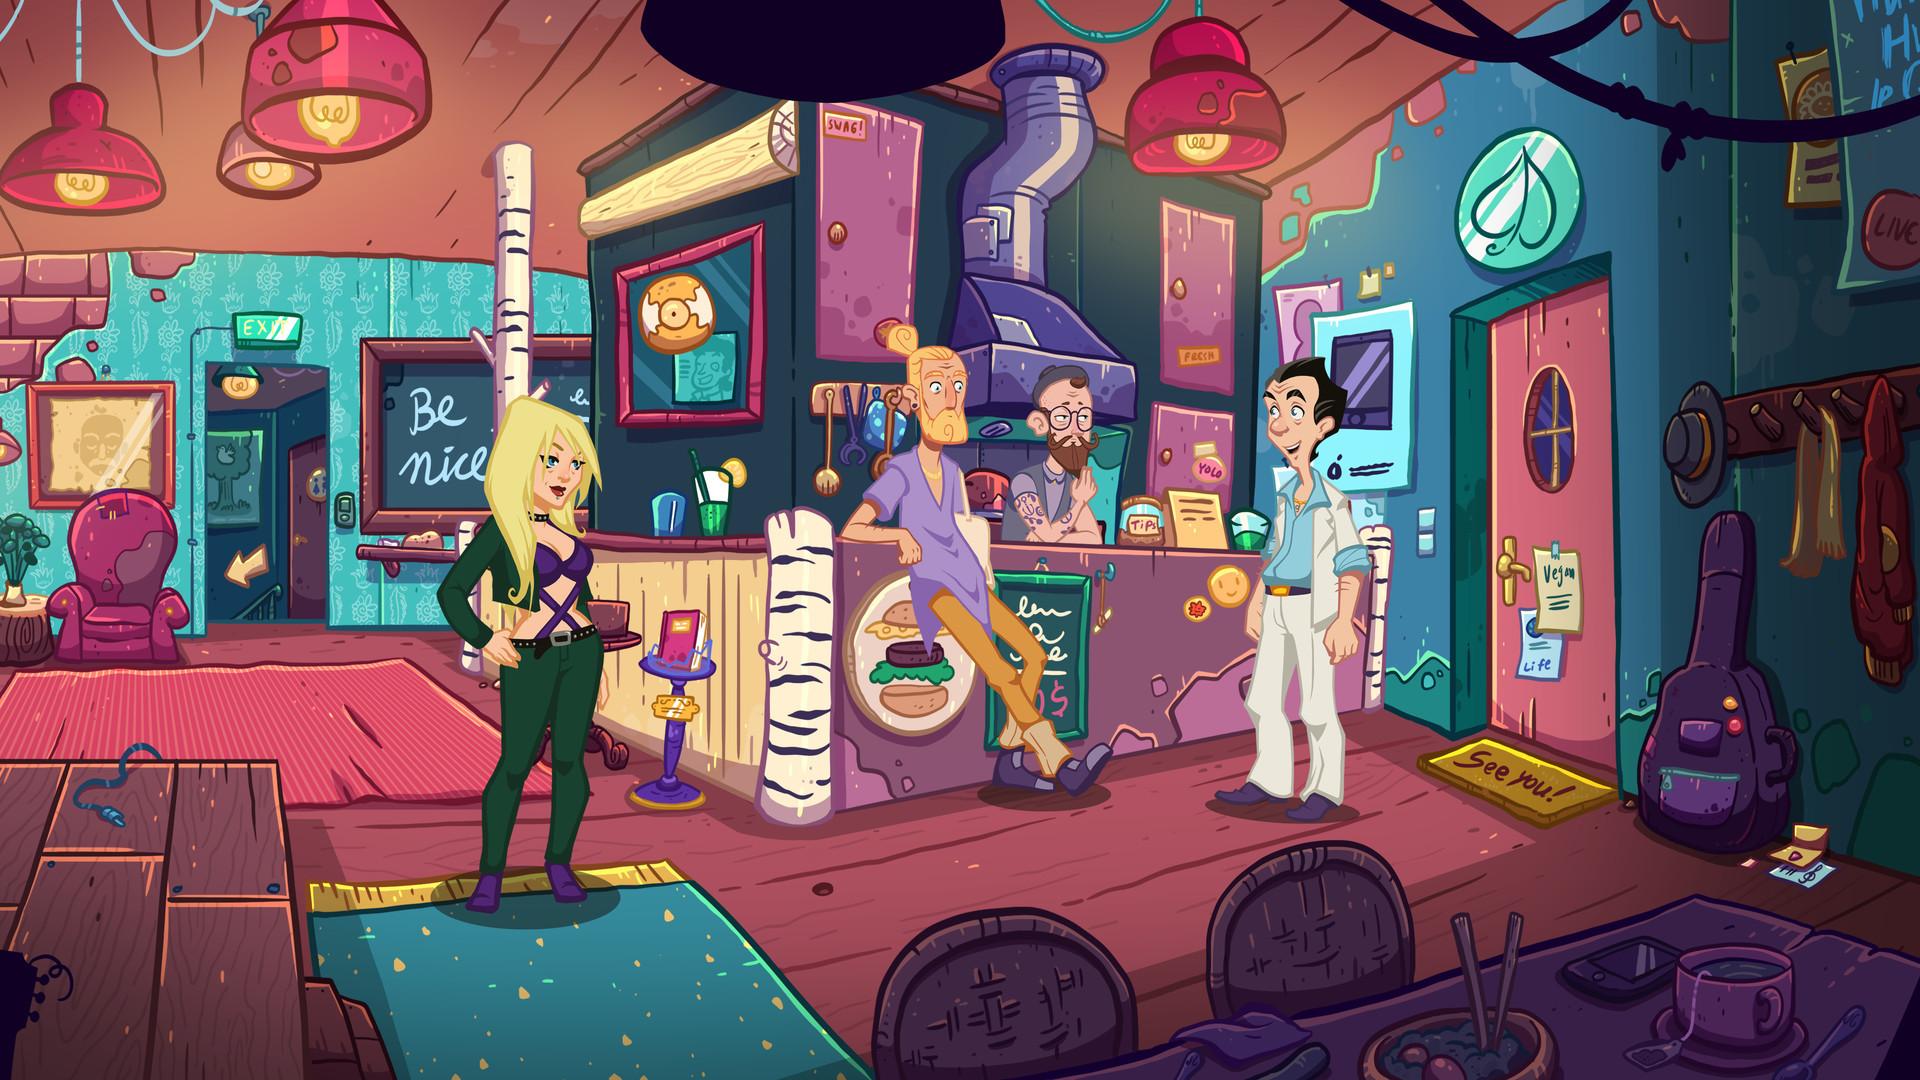 Первый трейлер новой части Leisure Suit Larry рассказал о пользе технологий